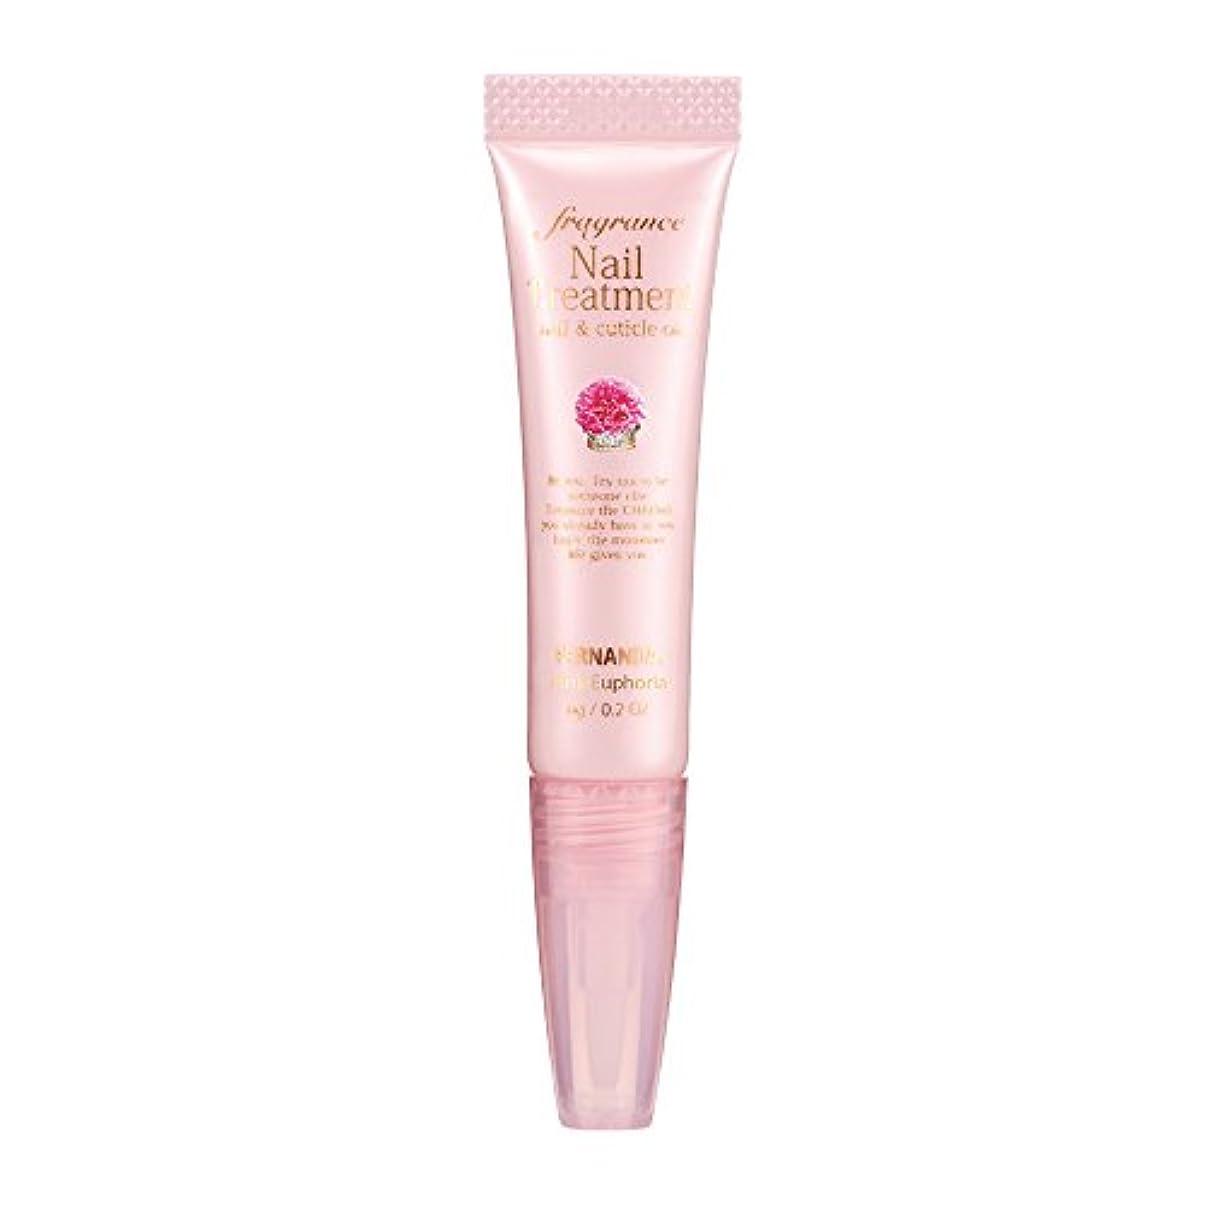 ジュニア出演者ブラケットFERNANDA(フェルナンダ) Fragrance Nail Treatment Pink Euphoria (ネイルトリートメント ピンクエウフォリア)